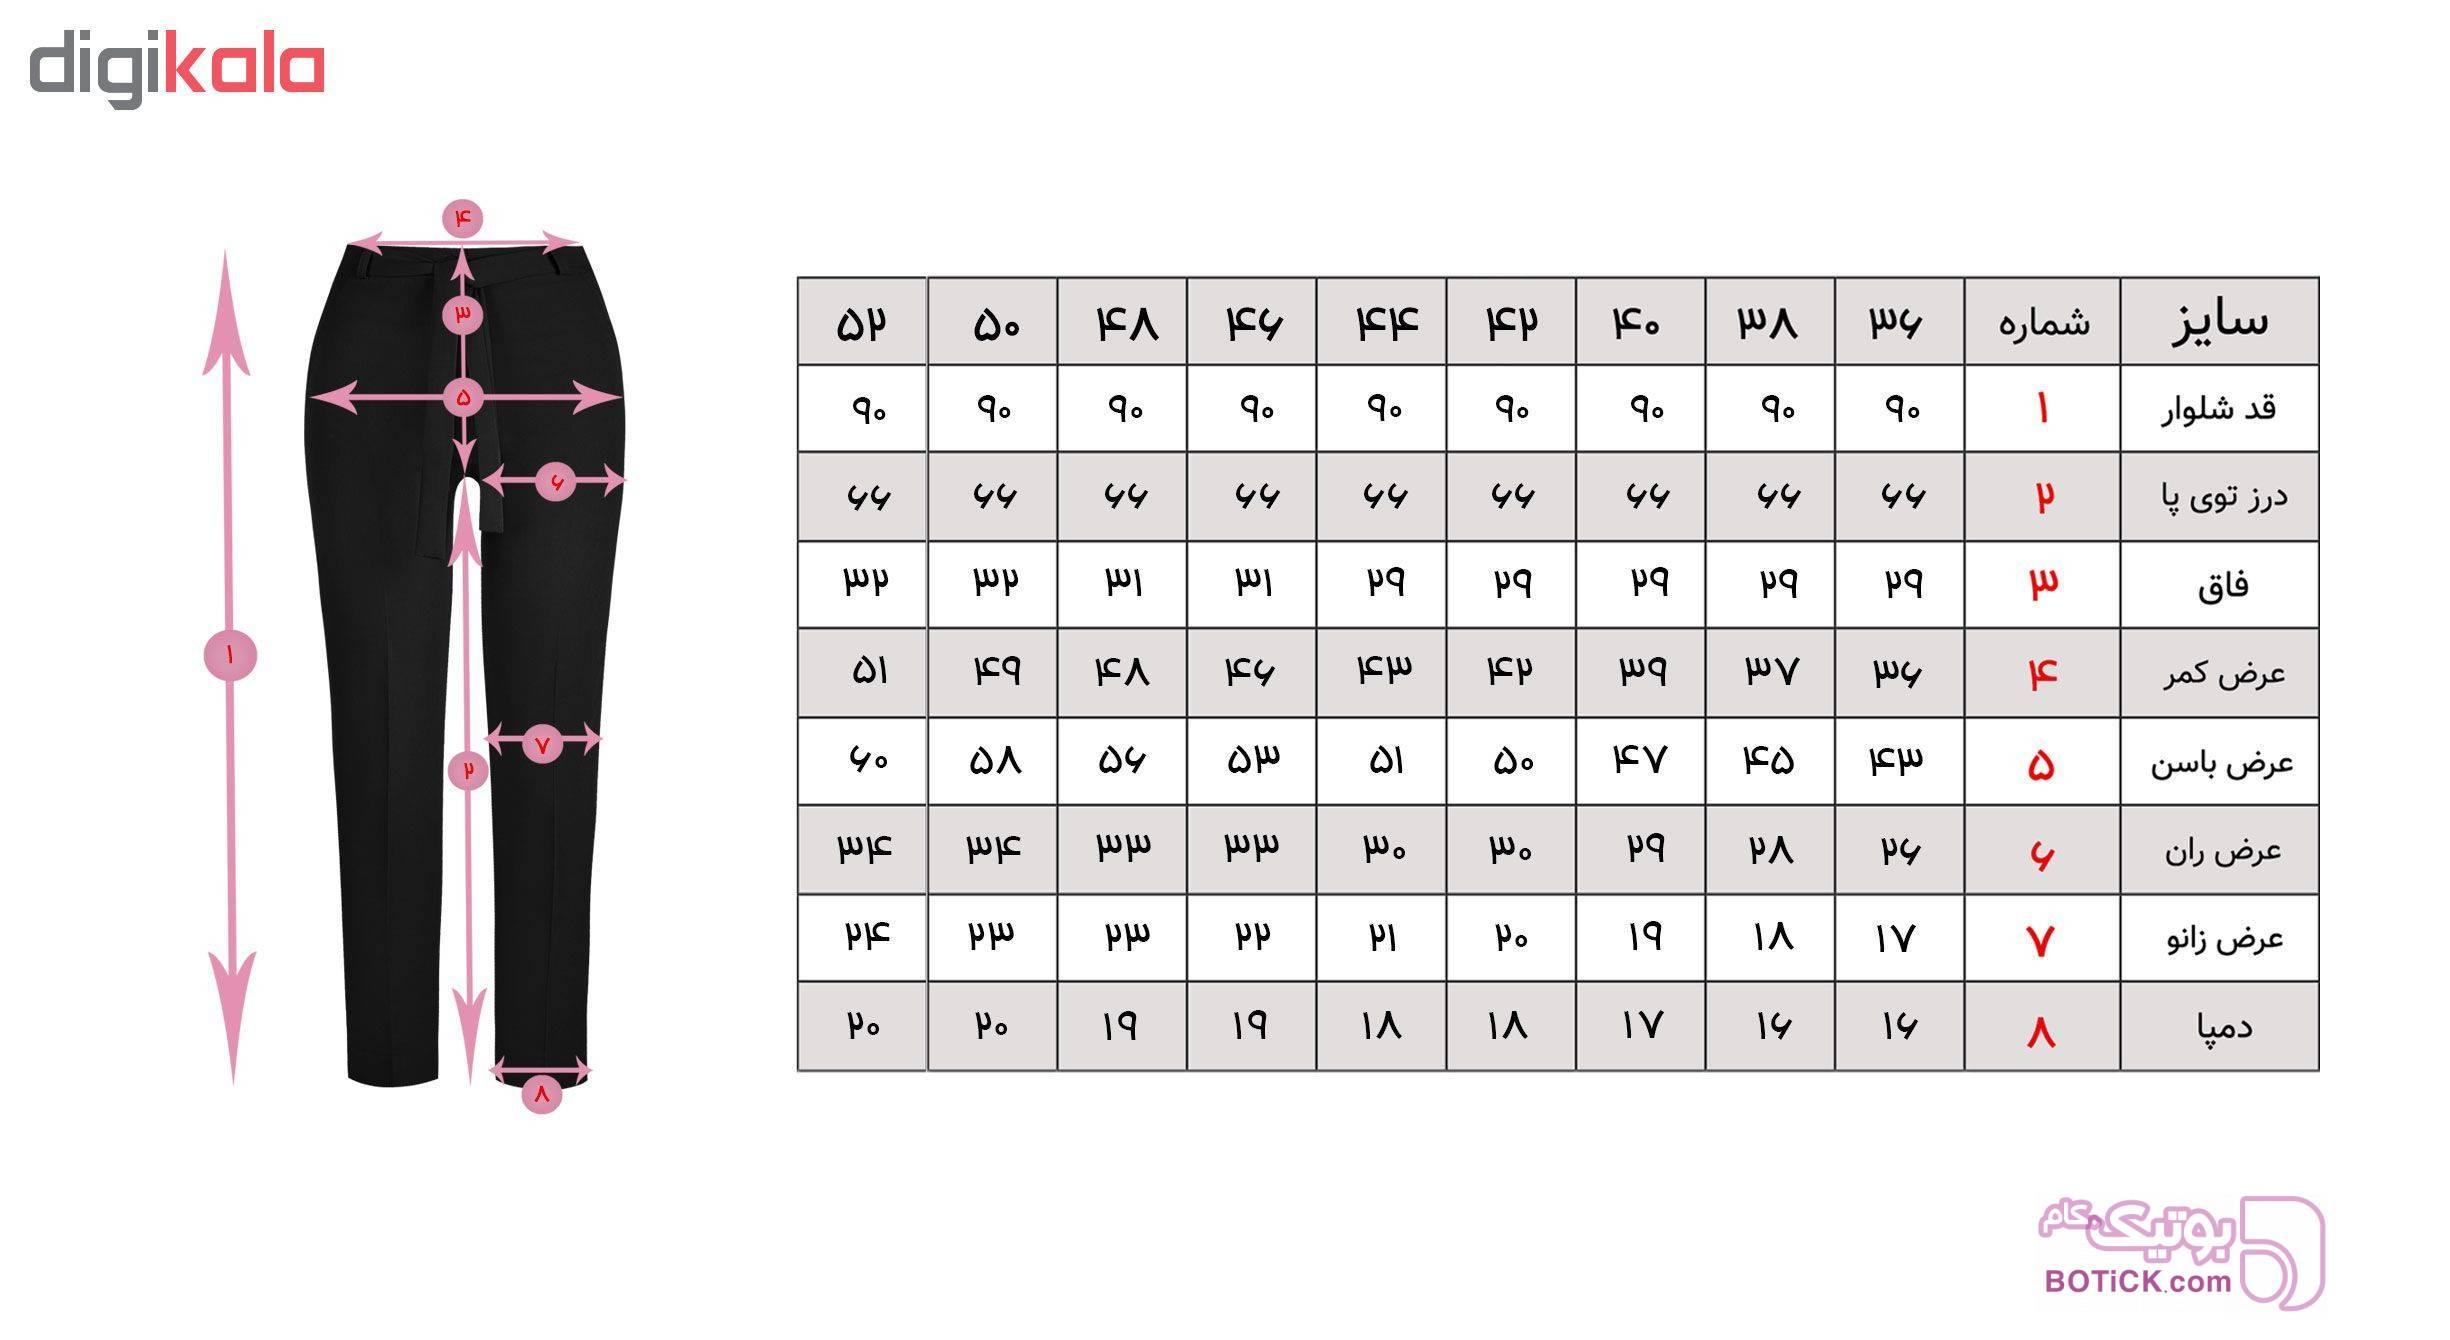 شلوار زنانه کد CRP90DB سورمه ای شلوار زنانه